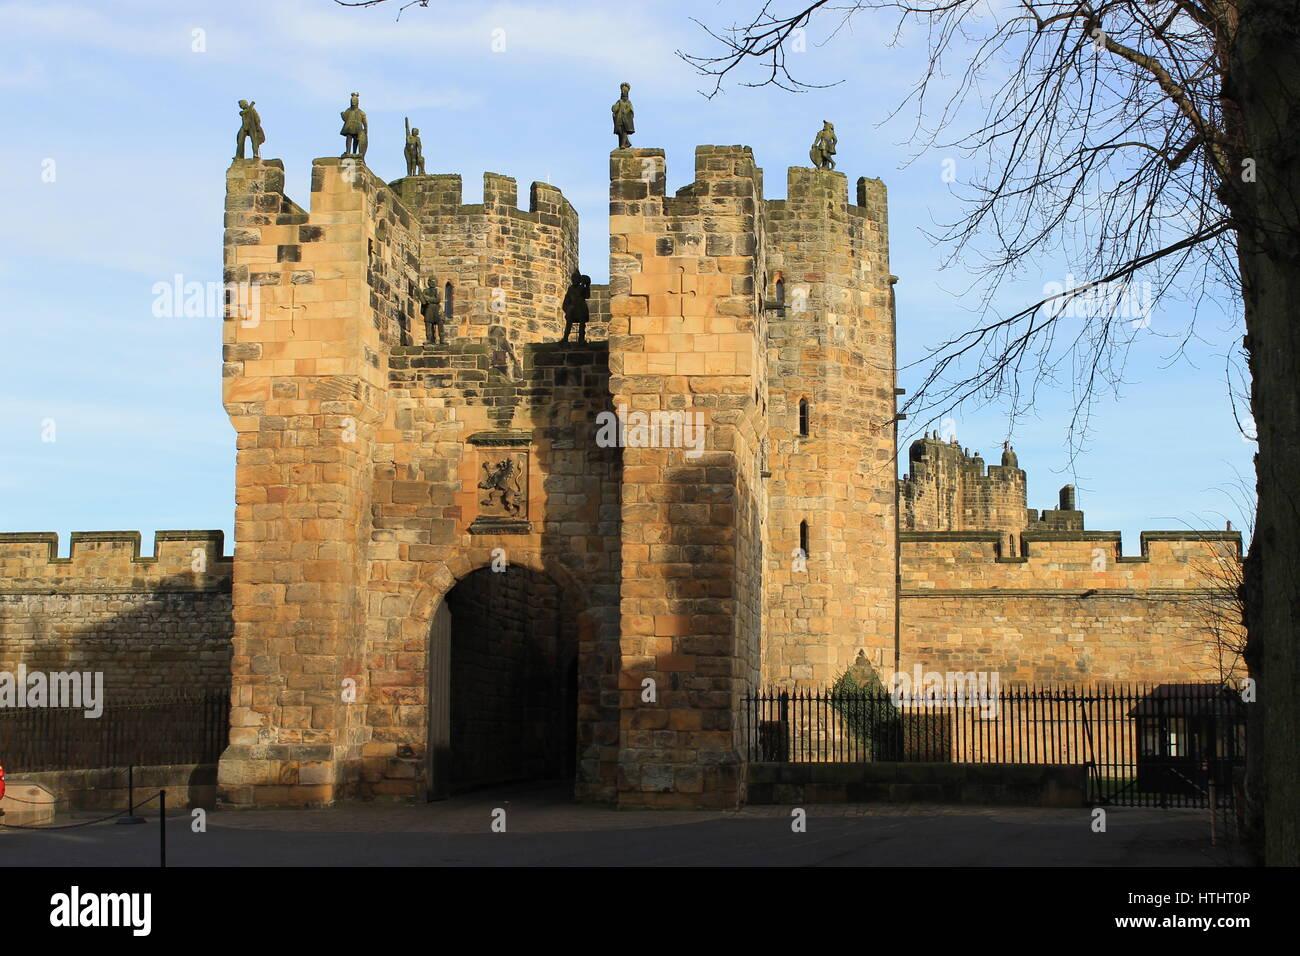 Alnwick Castle gatehouse, Alnwick, Northumberland, England, UK - Stock Image